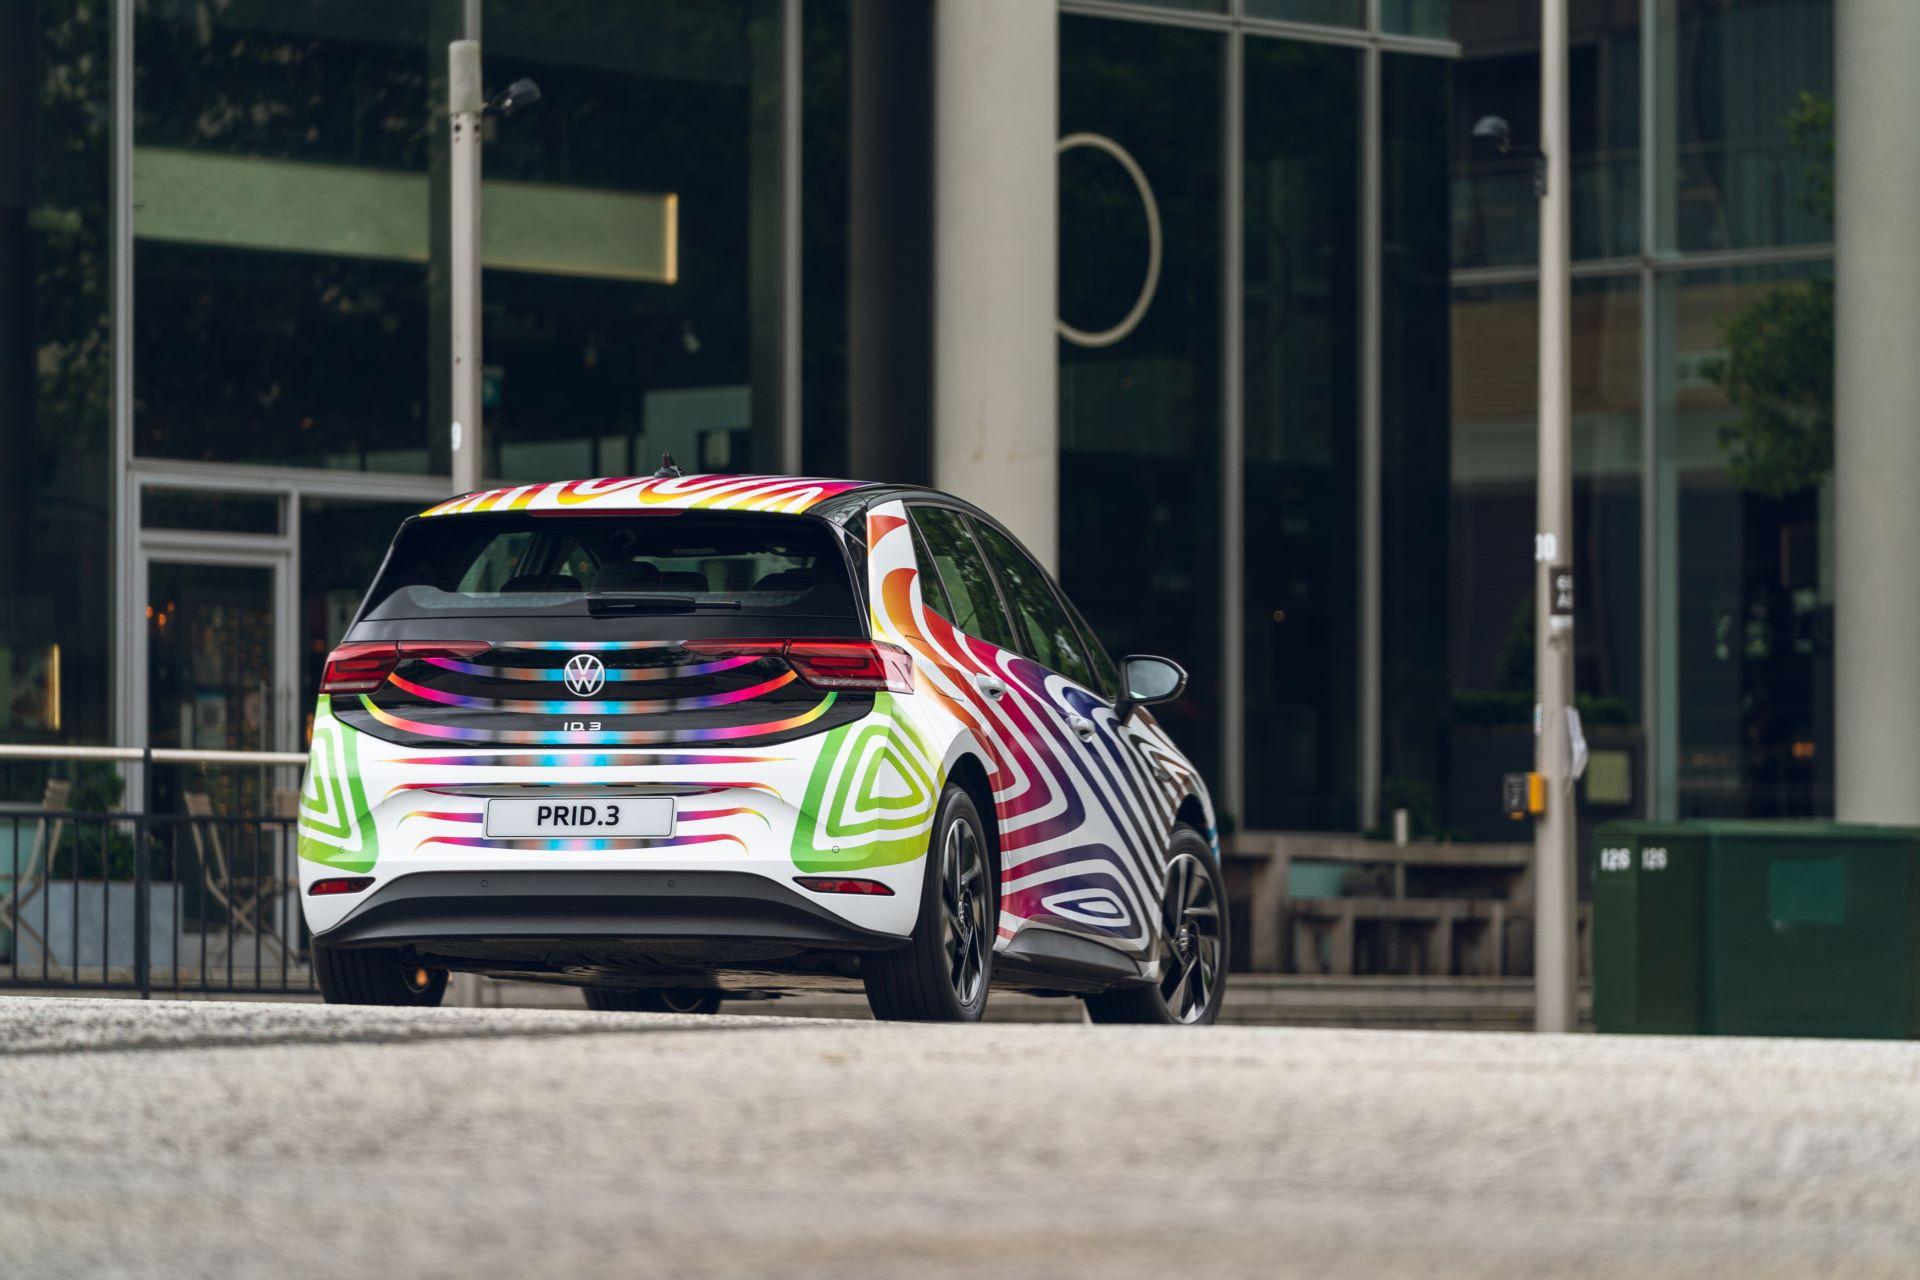 Volkswagen-PRID.3-9